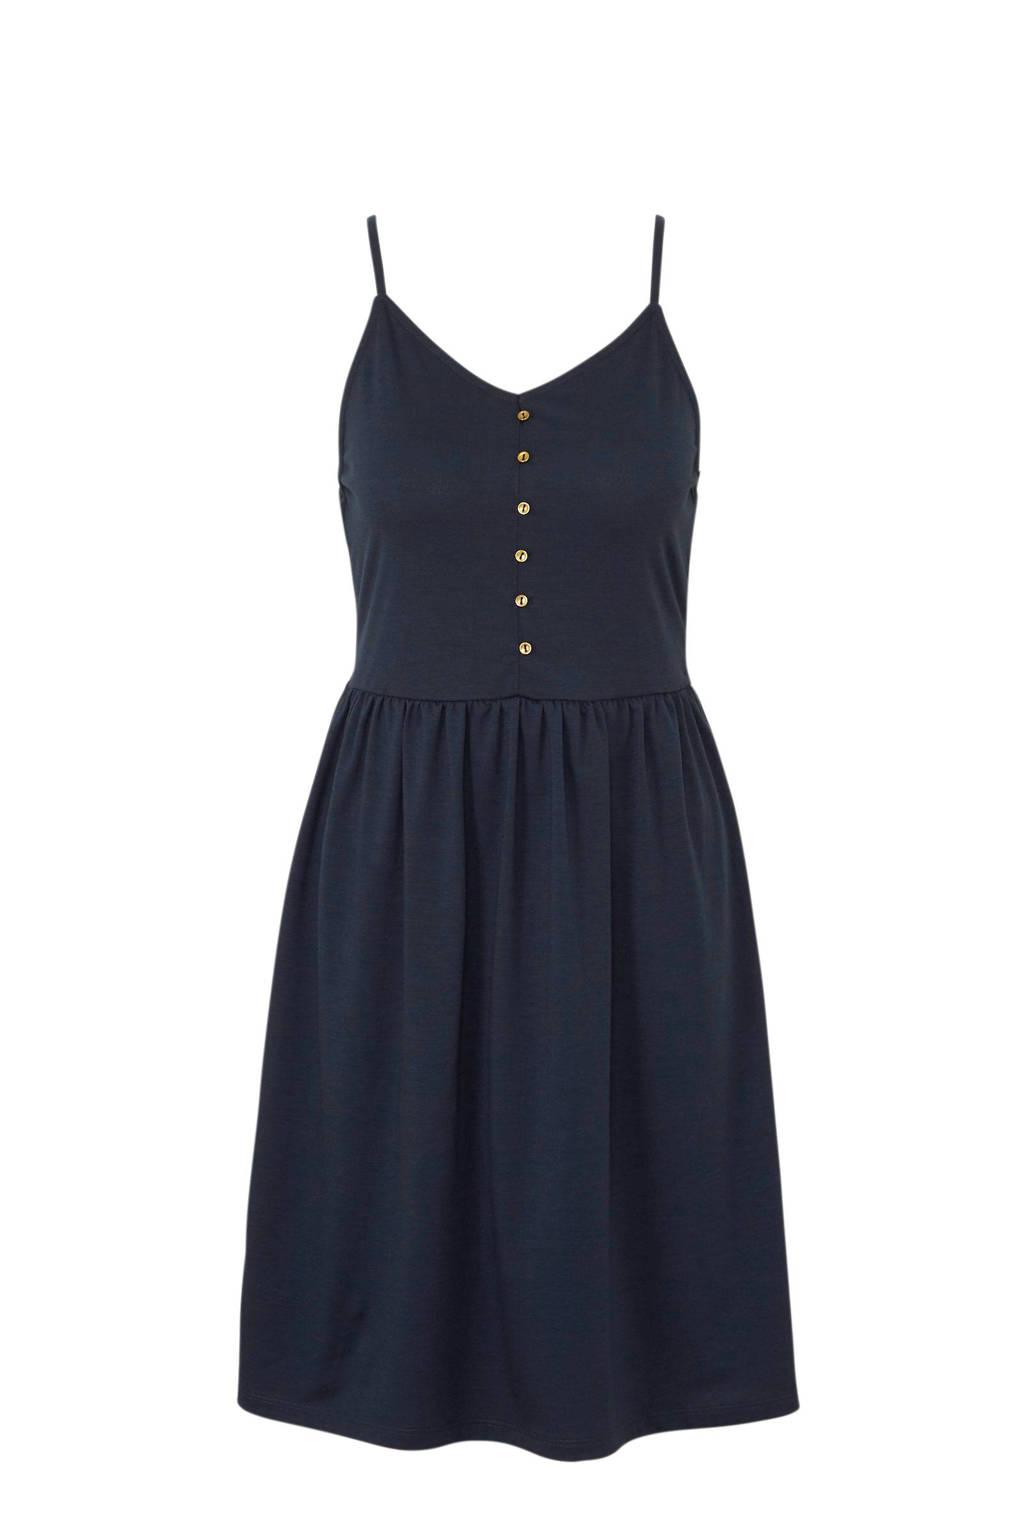 ca502582c29281 ESPRIT jurk met knopen donkerblauw